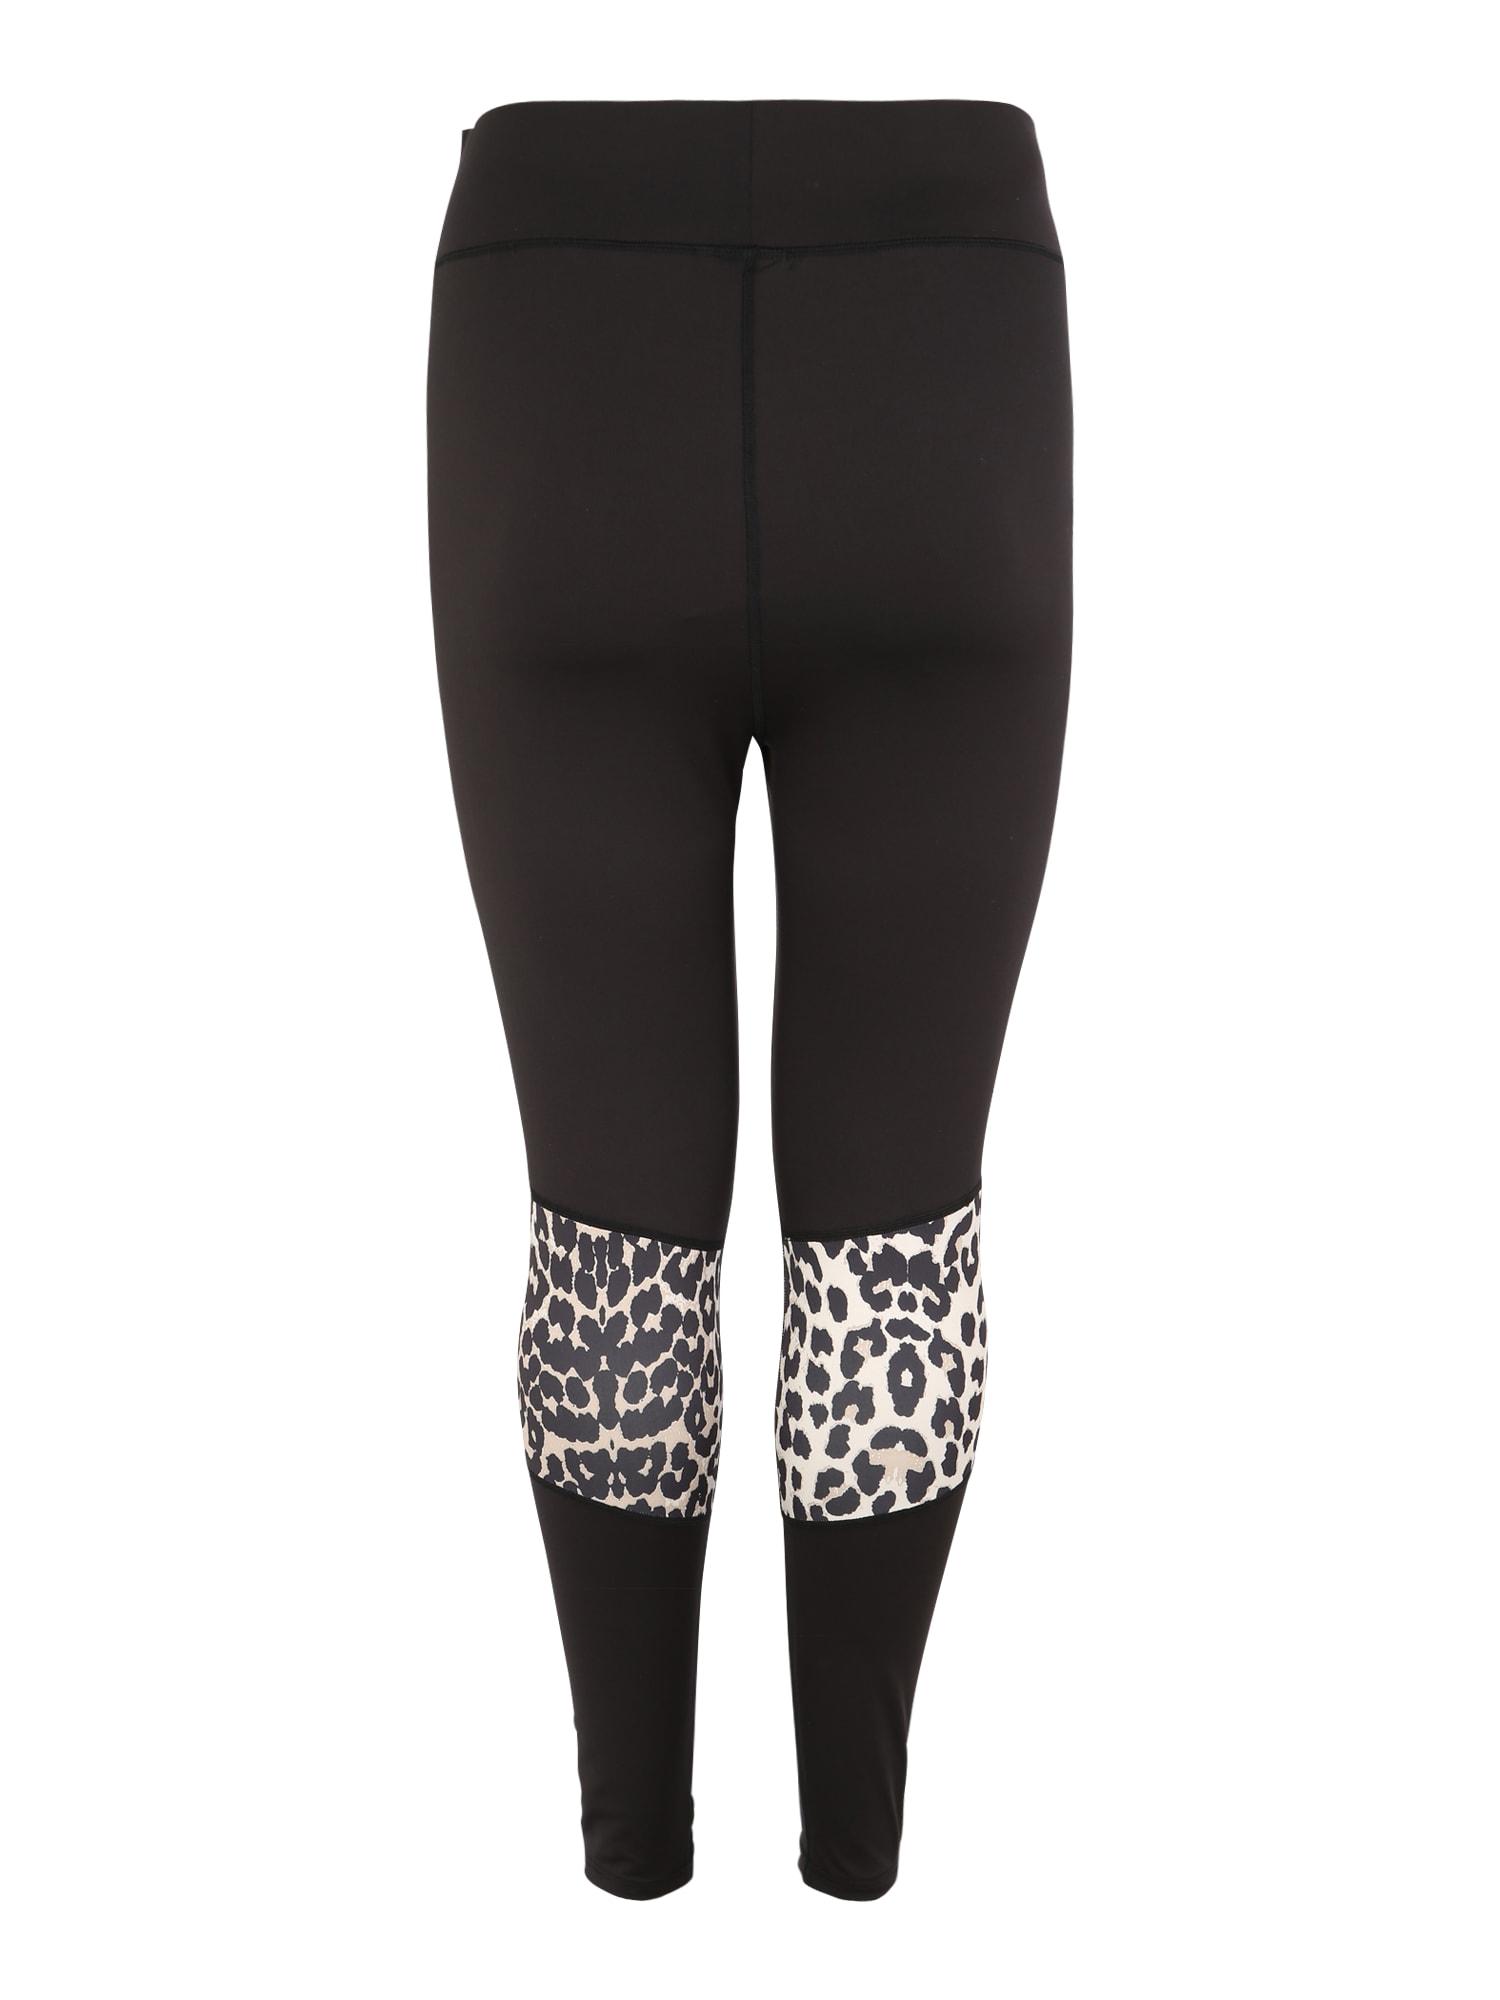 Sportovní kalhoty ALEOPARD hnědá černá Active By Zizzi